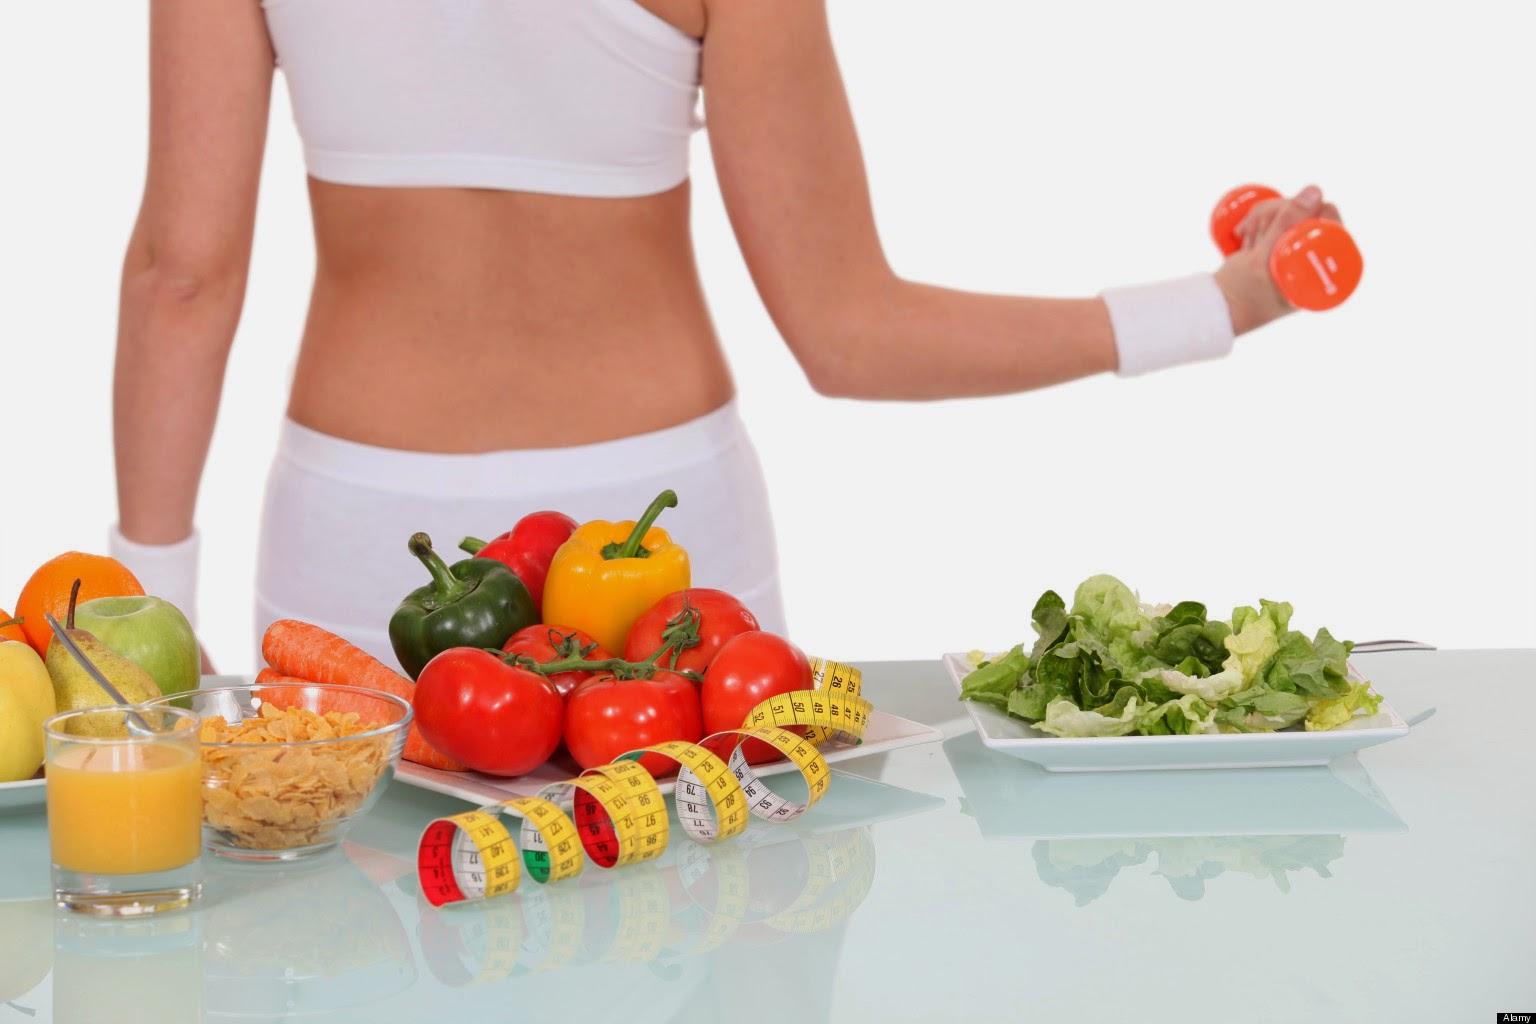 Как Правильно Питаться Если Хочется Похудеть. Питание для похудения. Что, как и когда есть, чтобы похудеть?